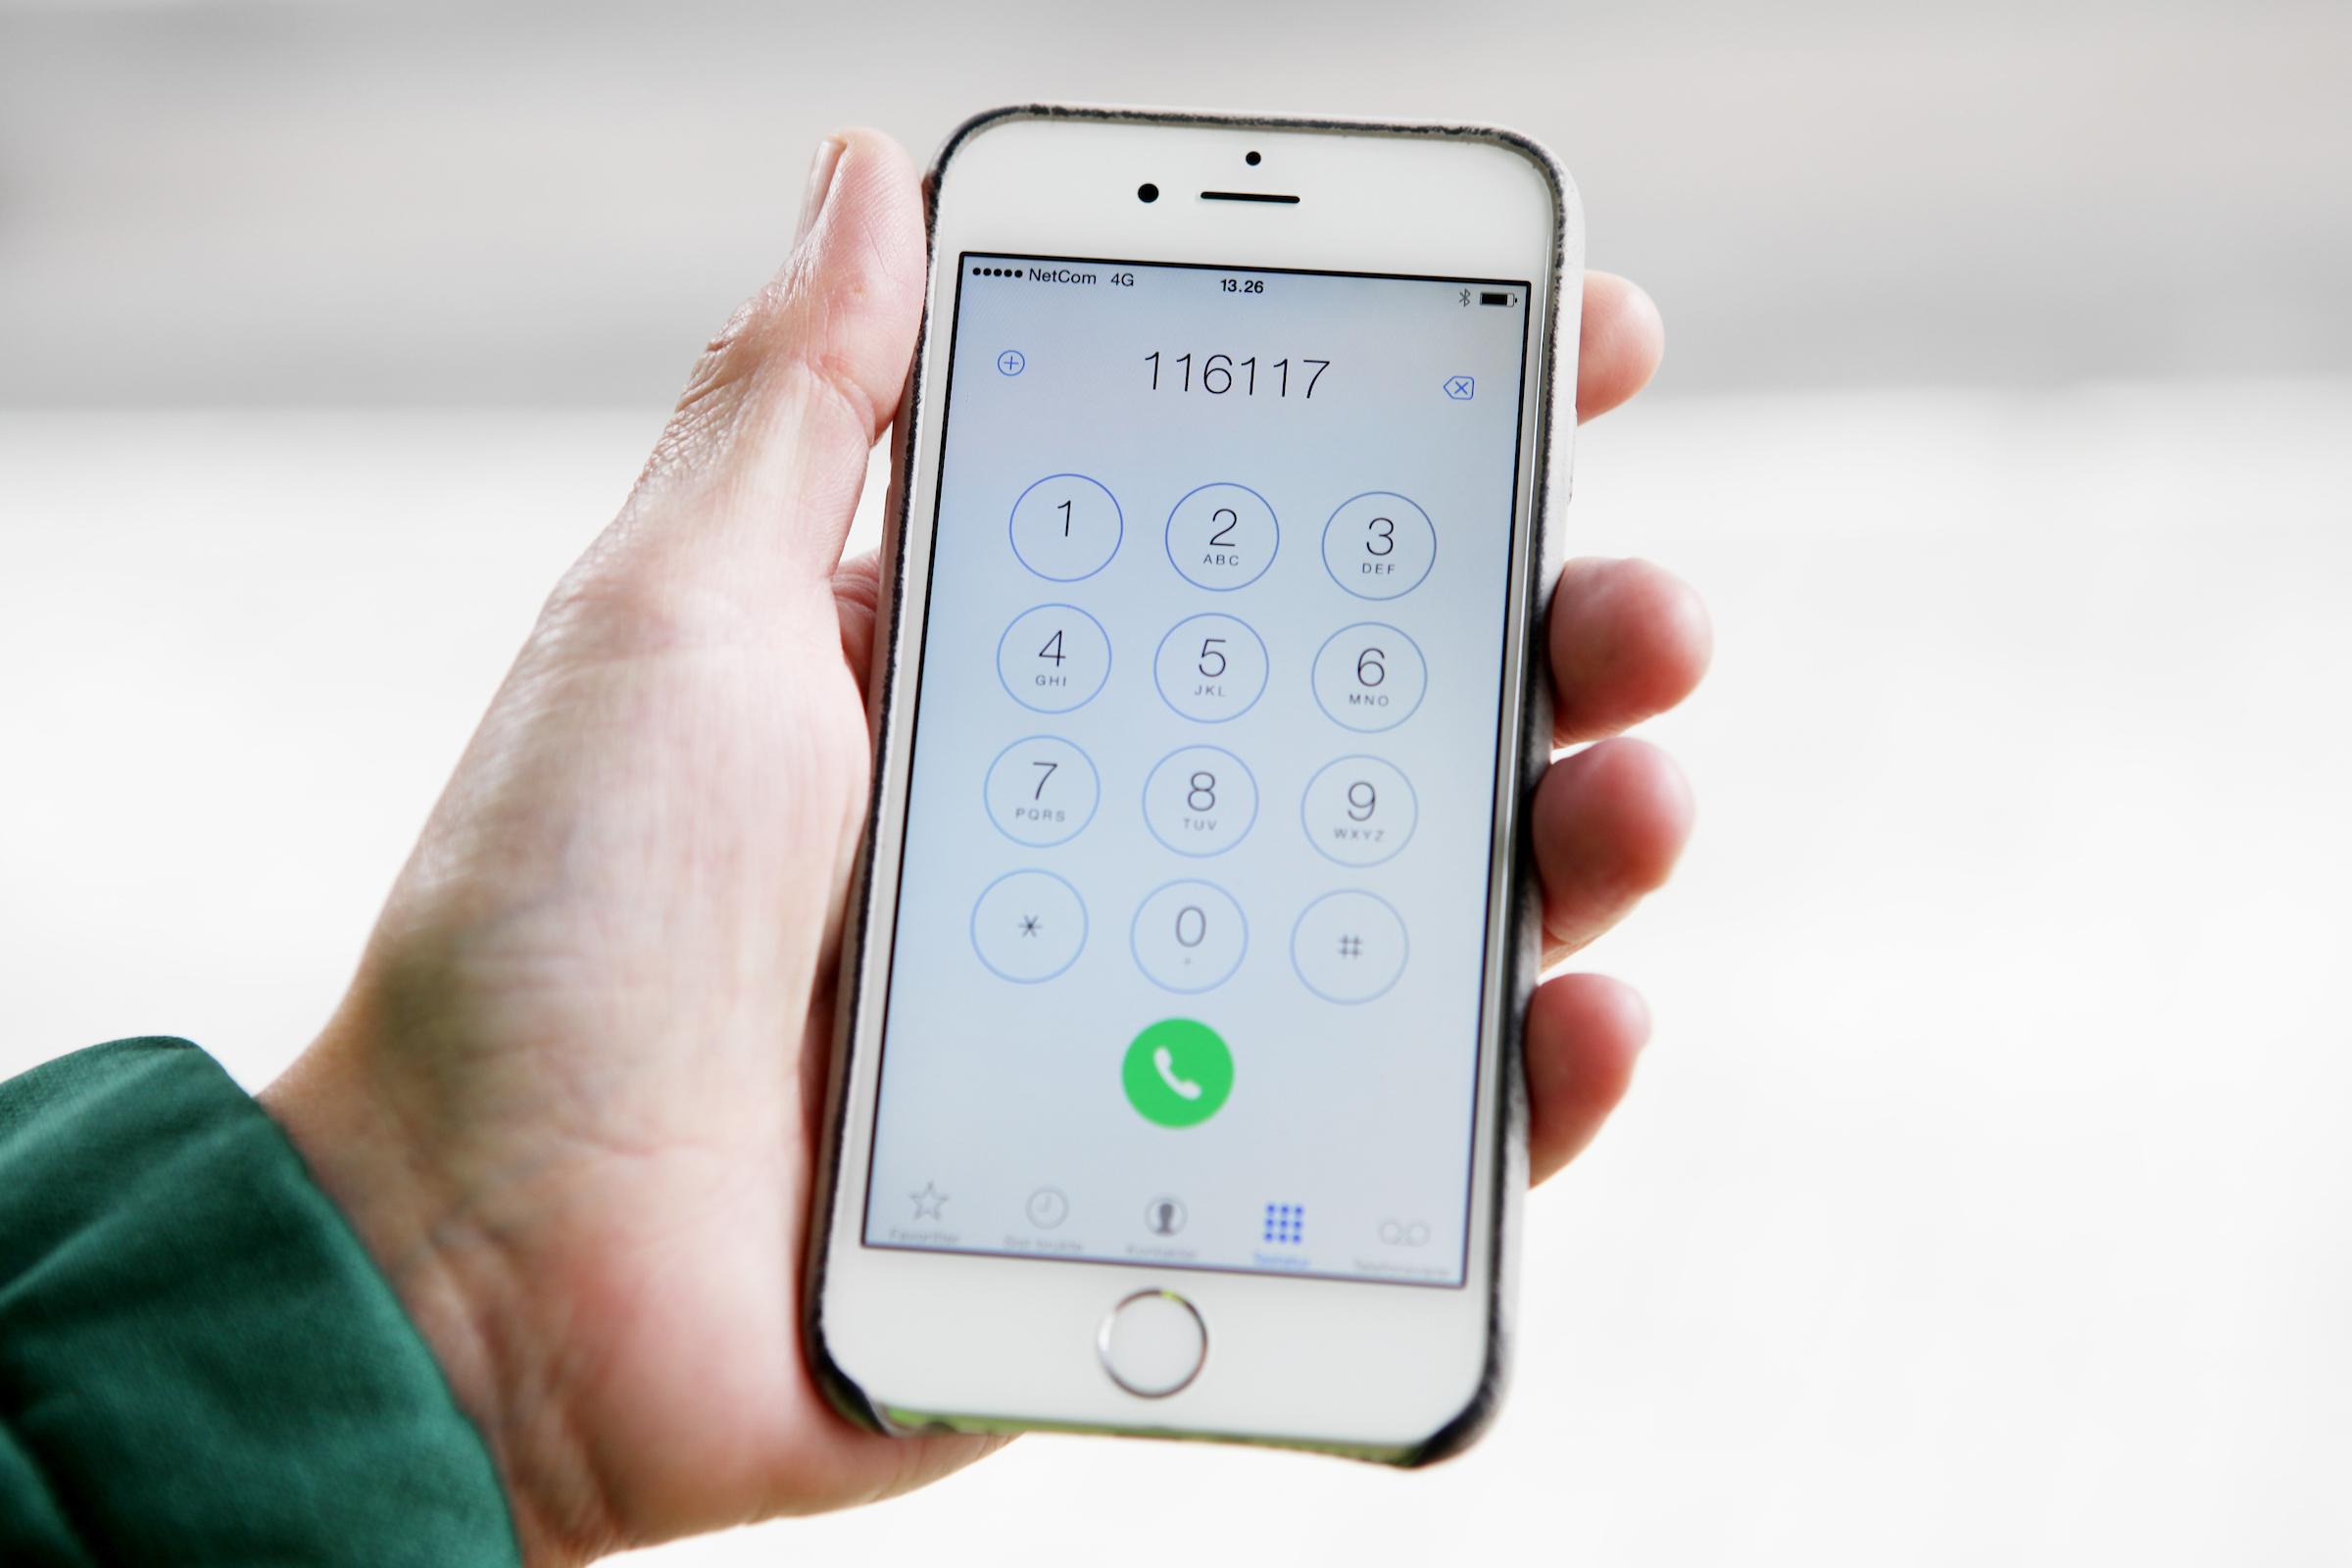 Bilde av mobilskjerm med legevaktnummeret